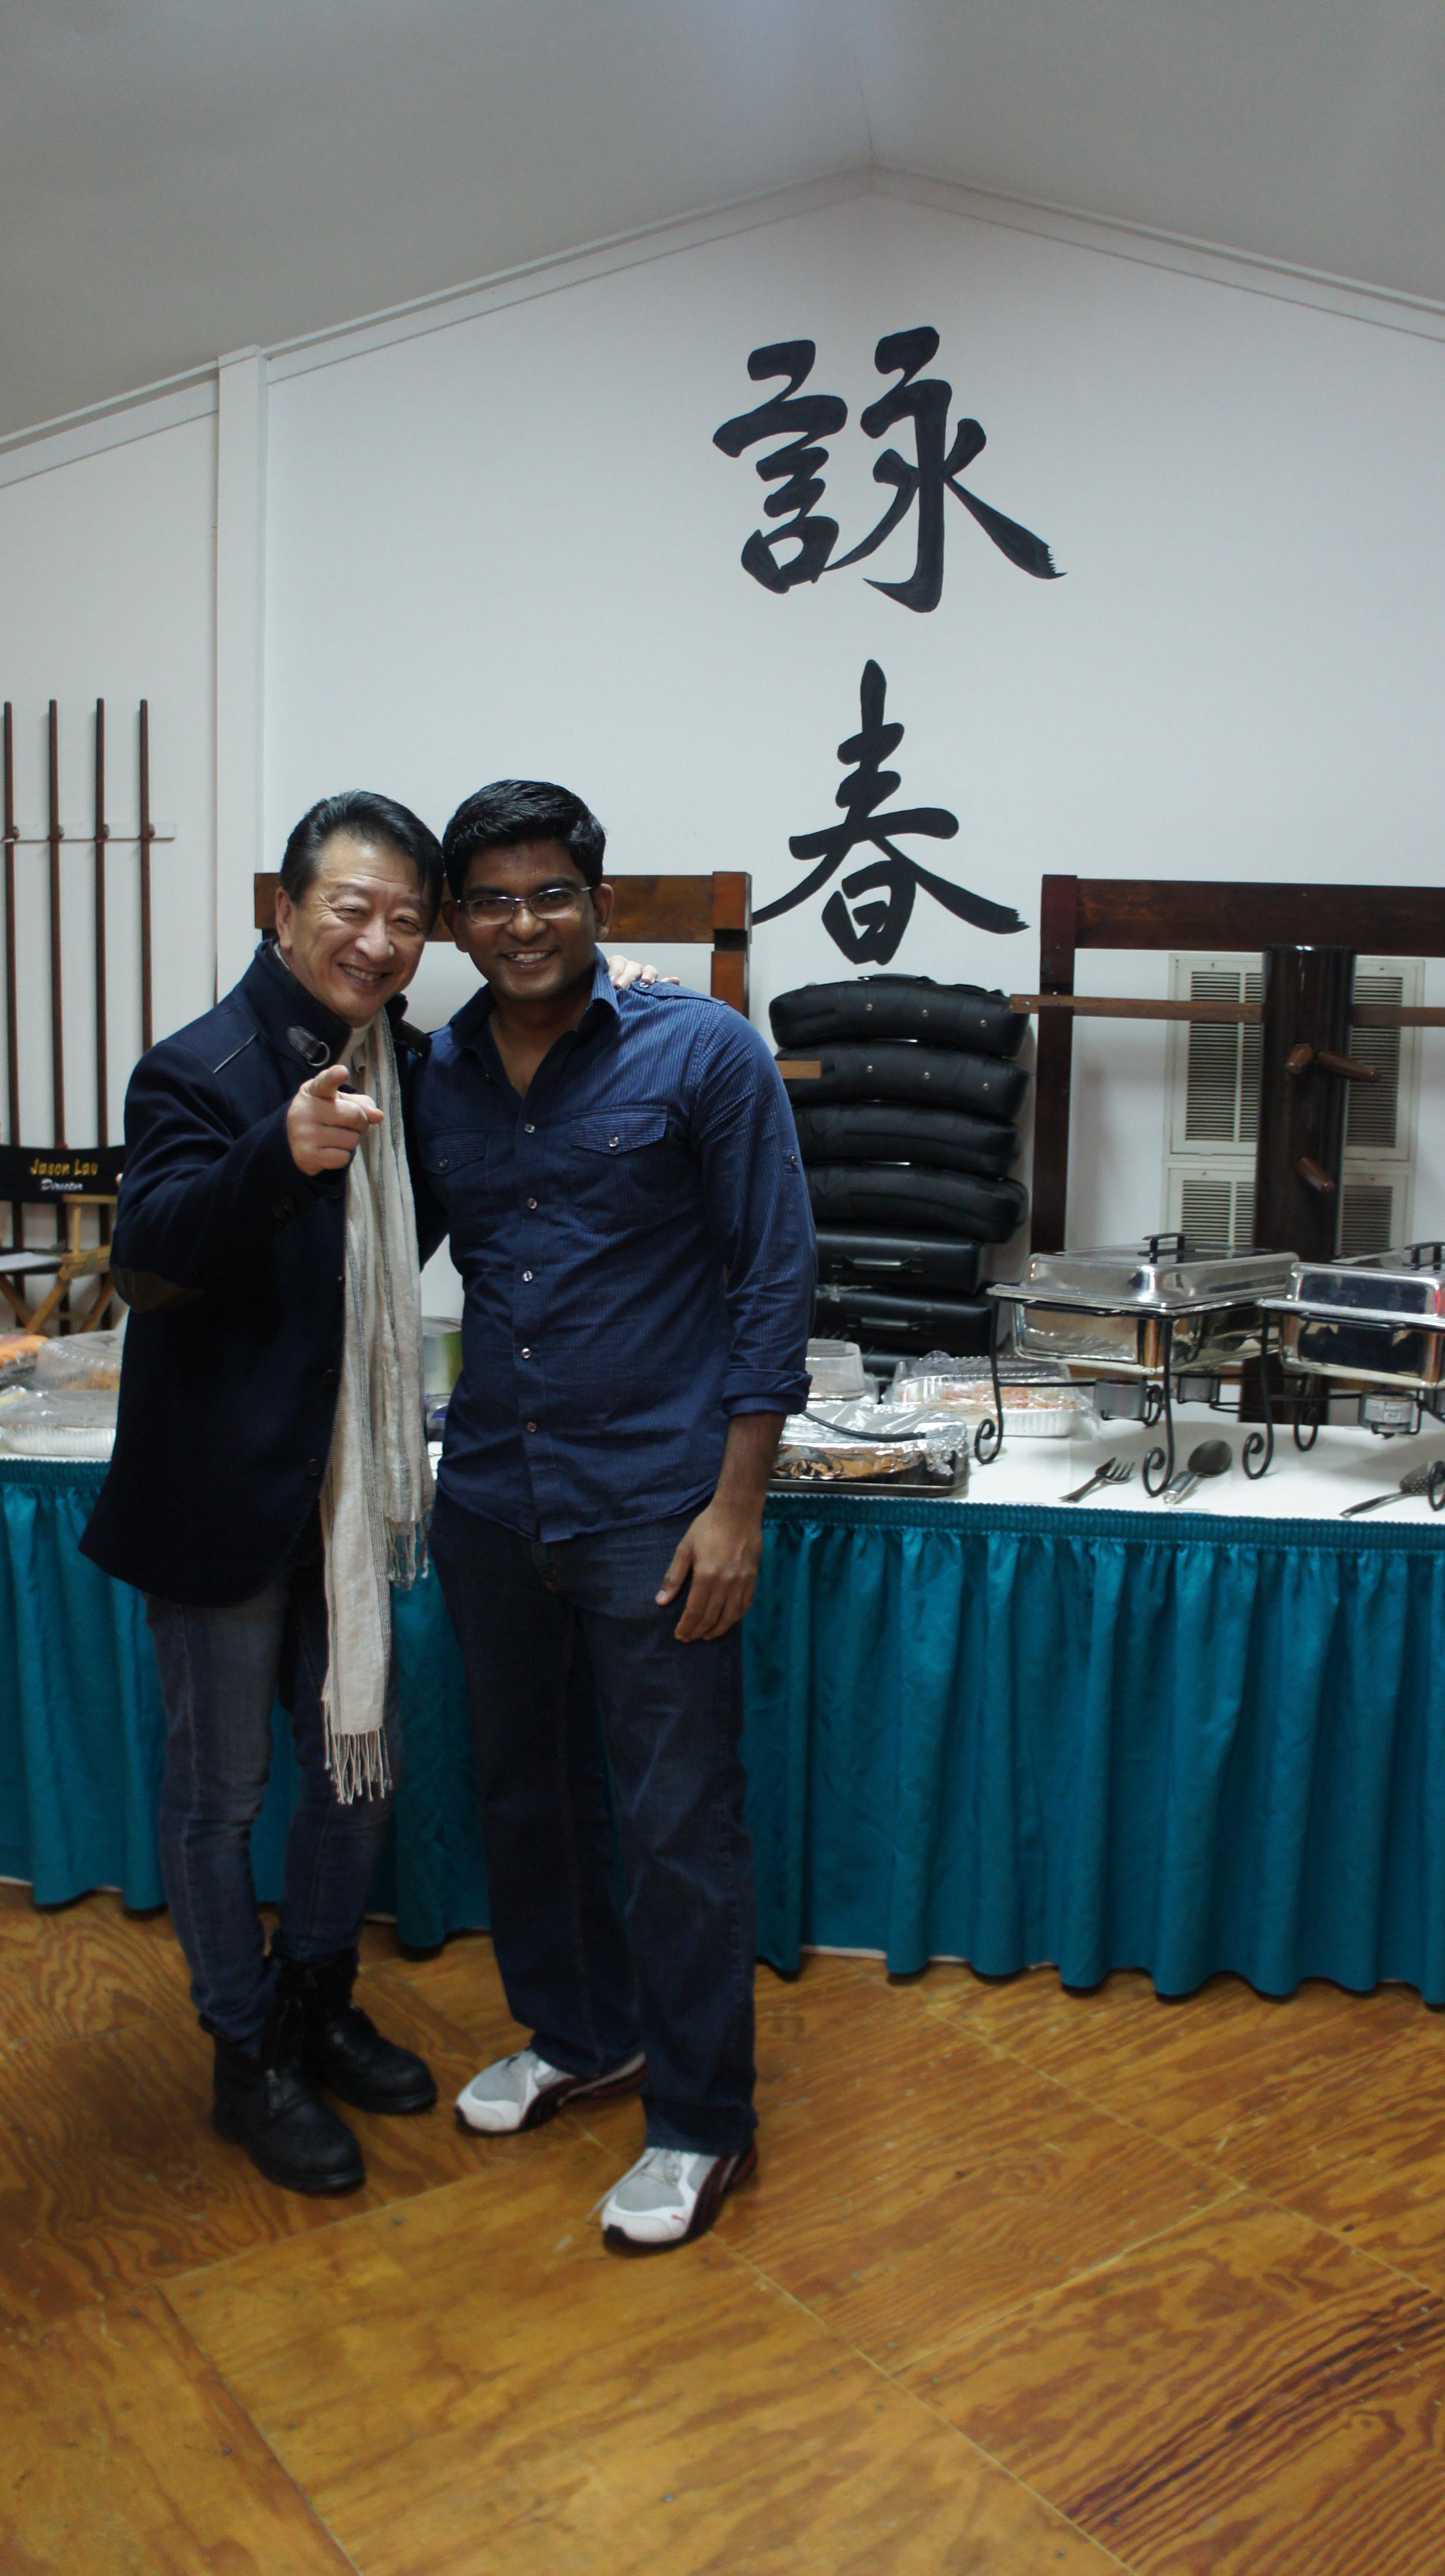 Christopher with Sifu